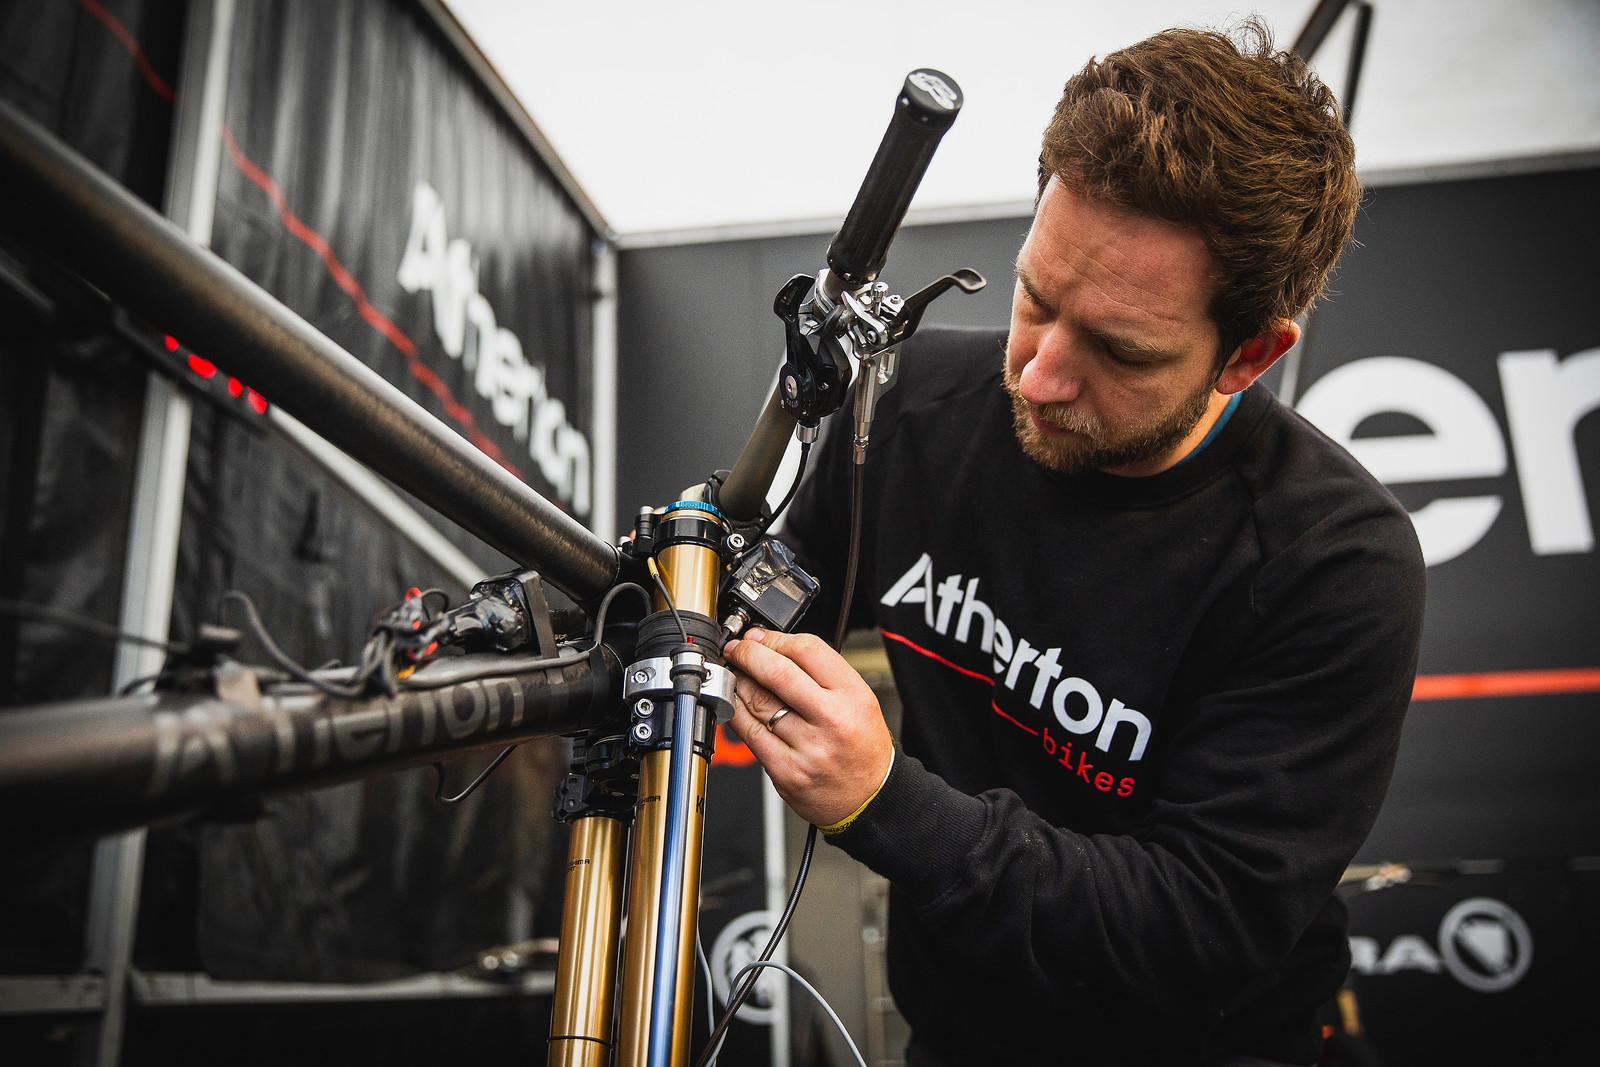 Atherton Data Bike Prep - PIT BITS - 2019 Lenzerheide World Cup Downhill - Mountain Biking Pictures - Vital MTB